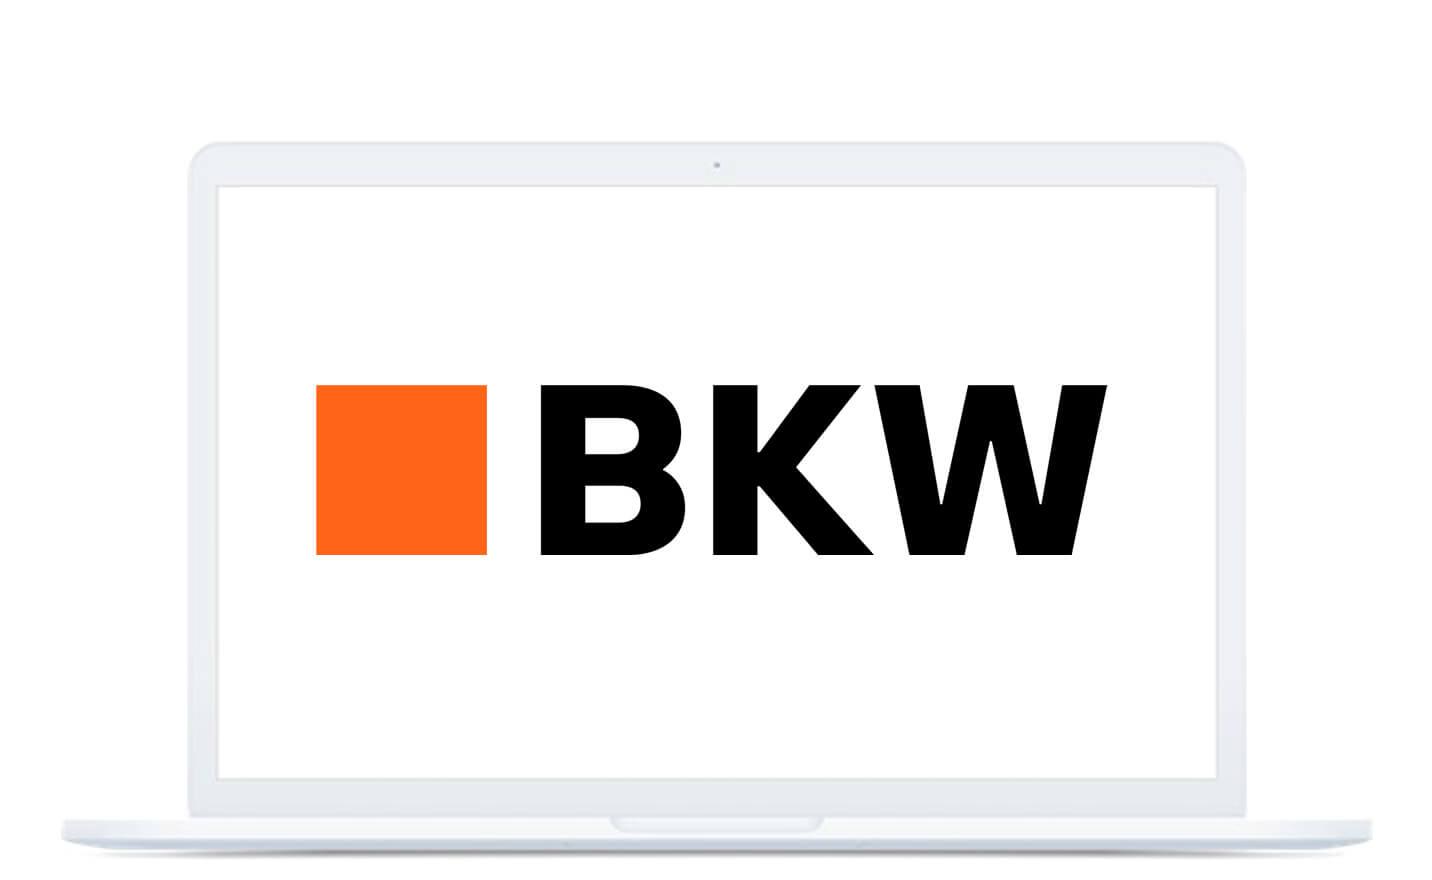 autoSense fleetPro BKW e-Mobility